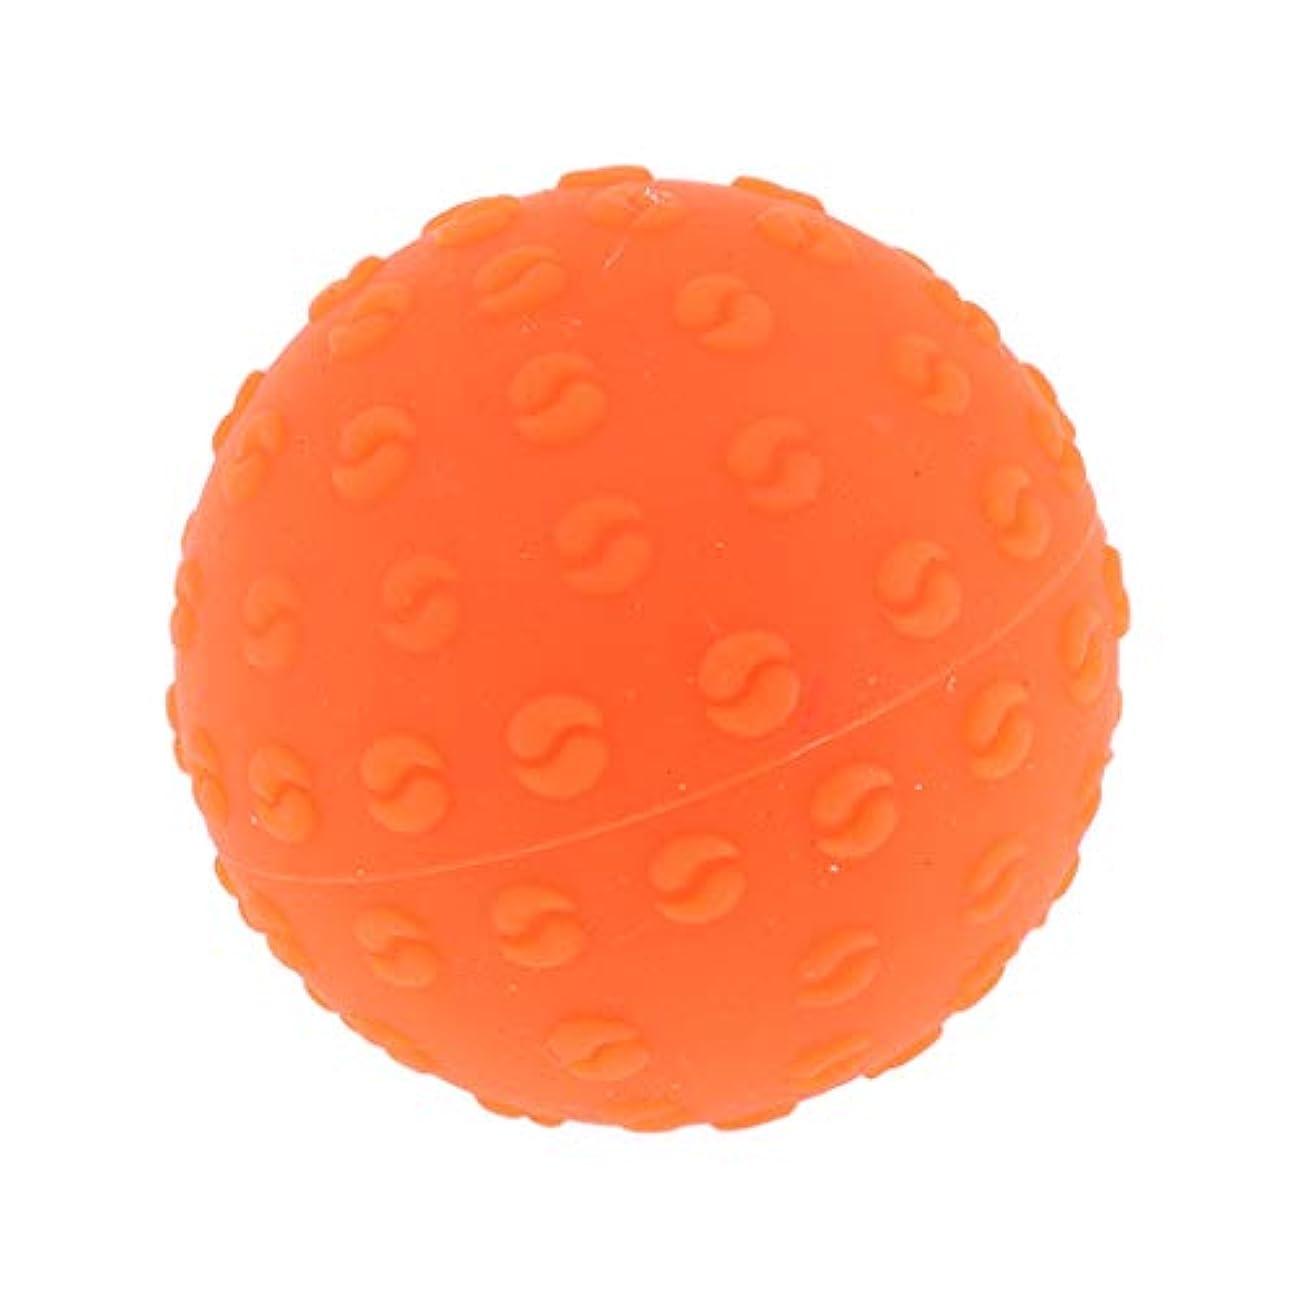 おなかがすいた落とし穴造船全6色 マッサージボール 指圧ボール シリコーン トリガーポイント 足底筋膜炎 ヨガ 耐油性 快適 - オレンジ, 説明のとおり